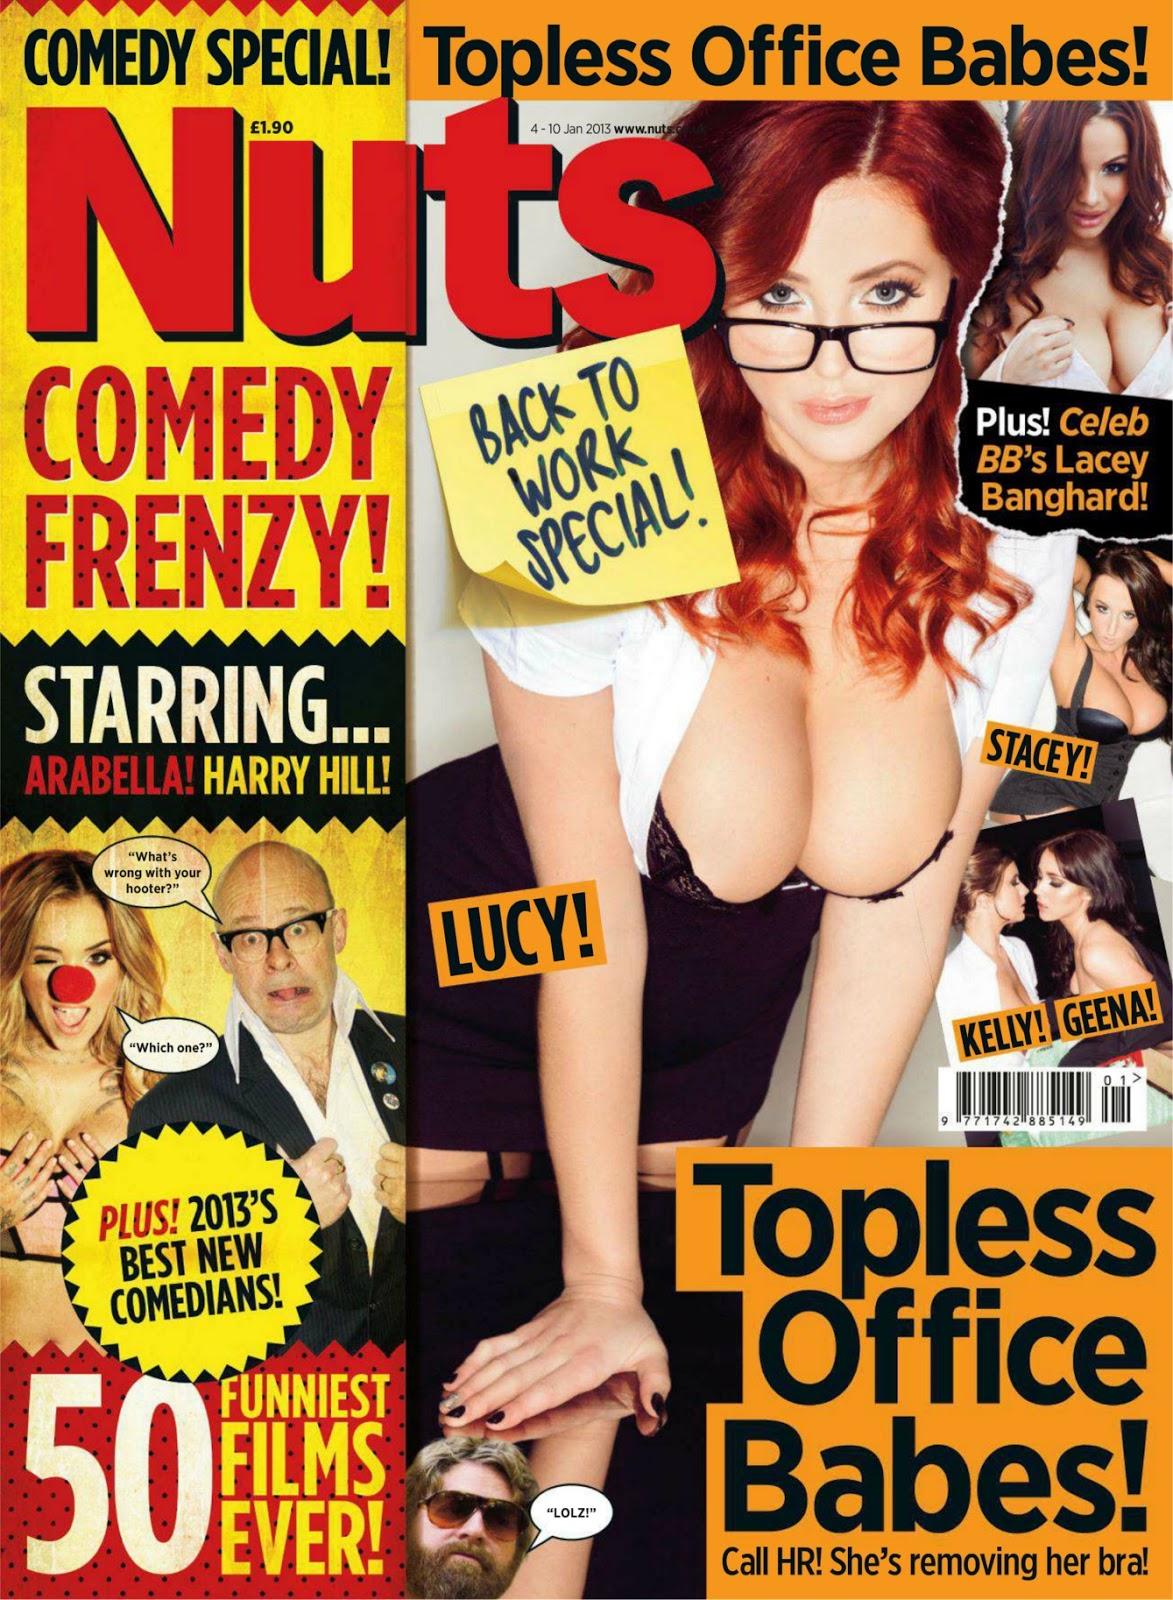 http://4.bp.blogspot.com/-TwdroYb6BqA/UONR9uiZ86I/AAAAAAAAGu4/EcrSh4Cr4Ac/s1600/ToplessOfficeBabes_Nuts04Jan2012_1.jpg